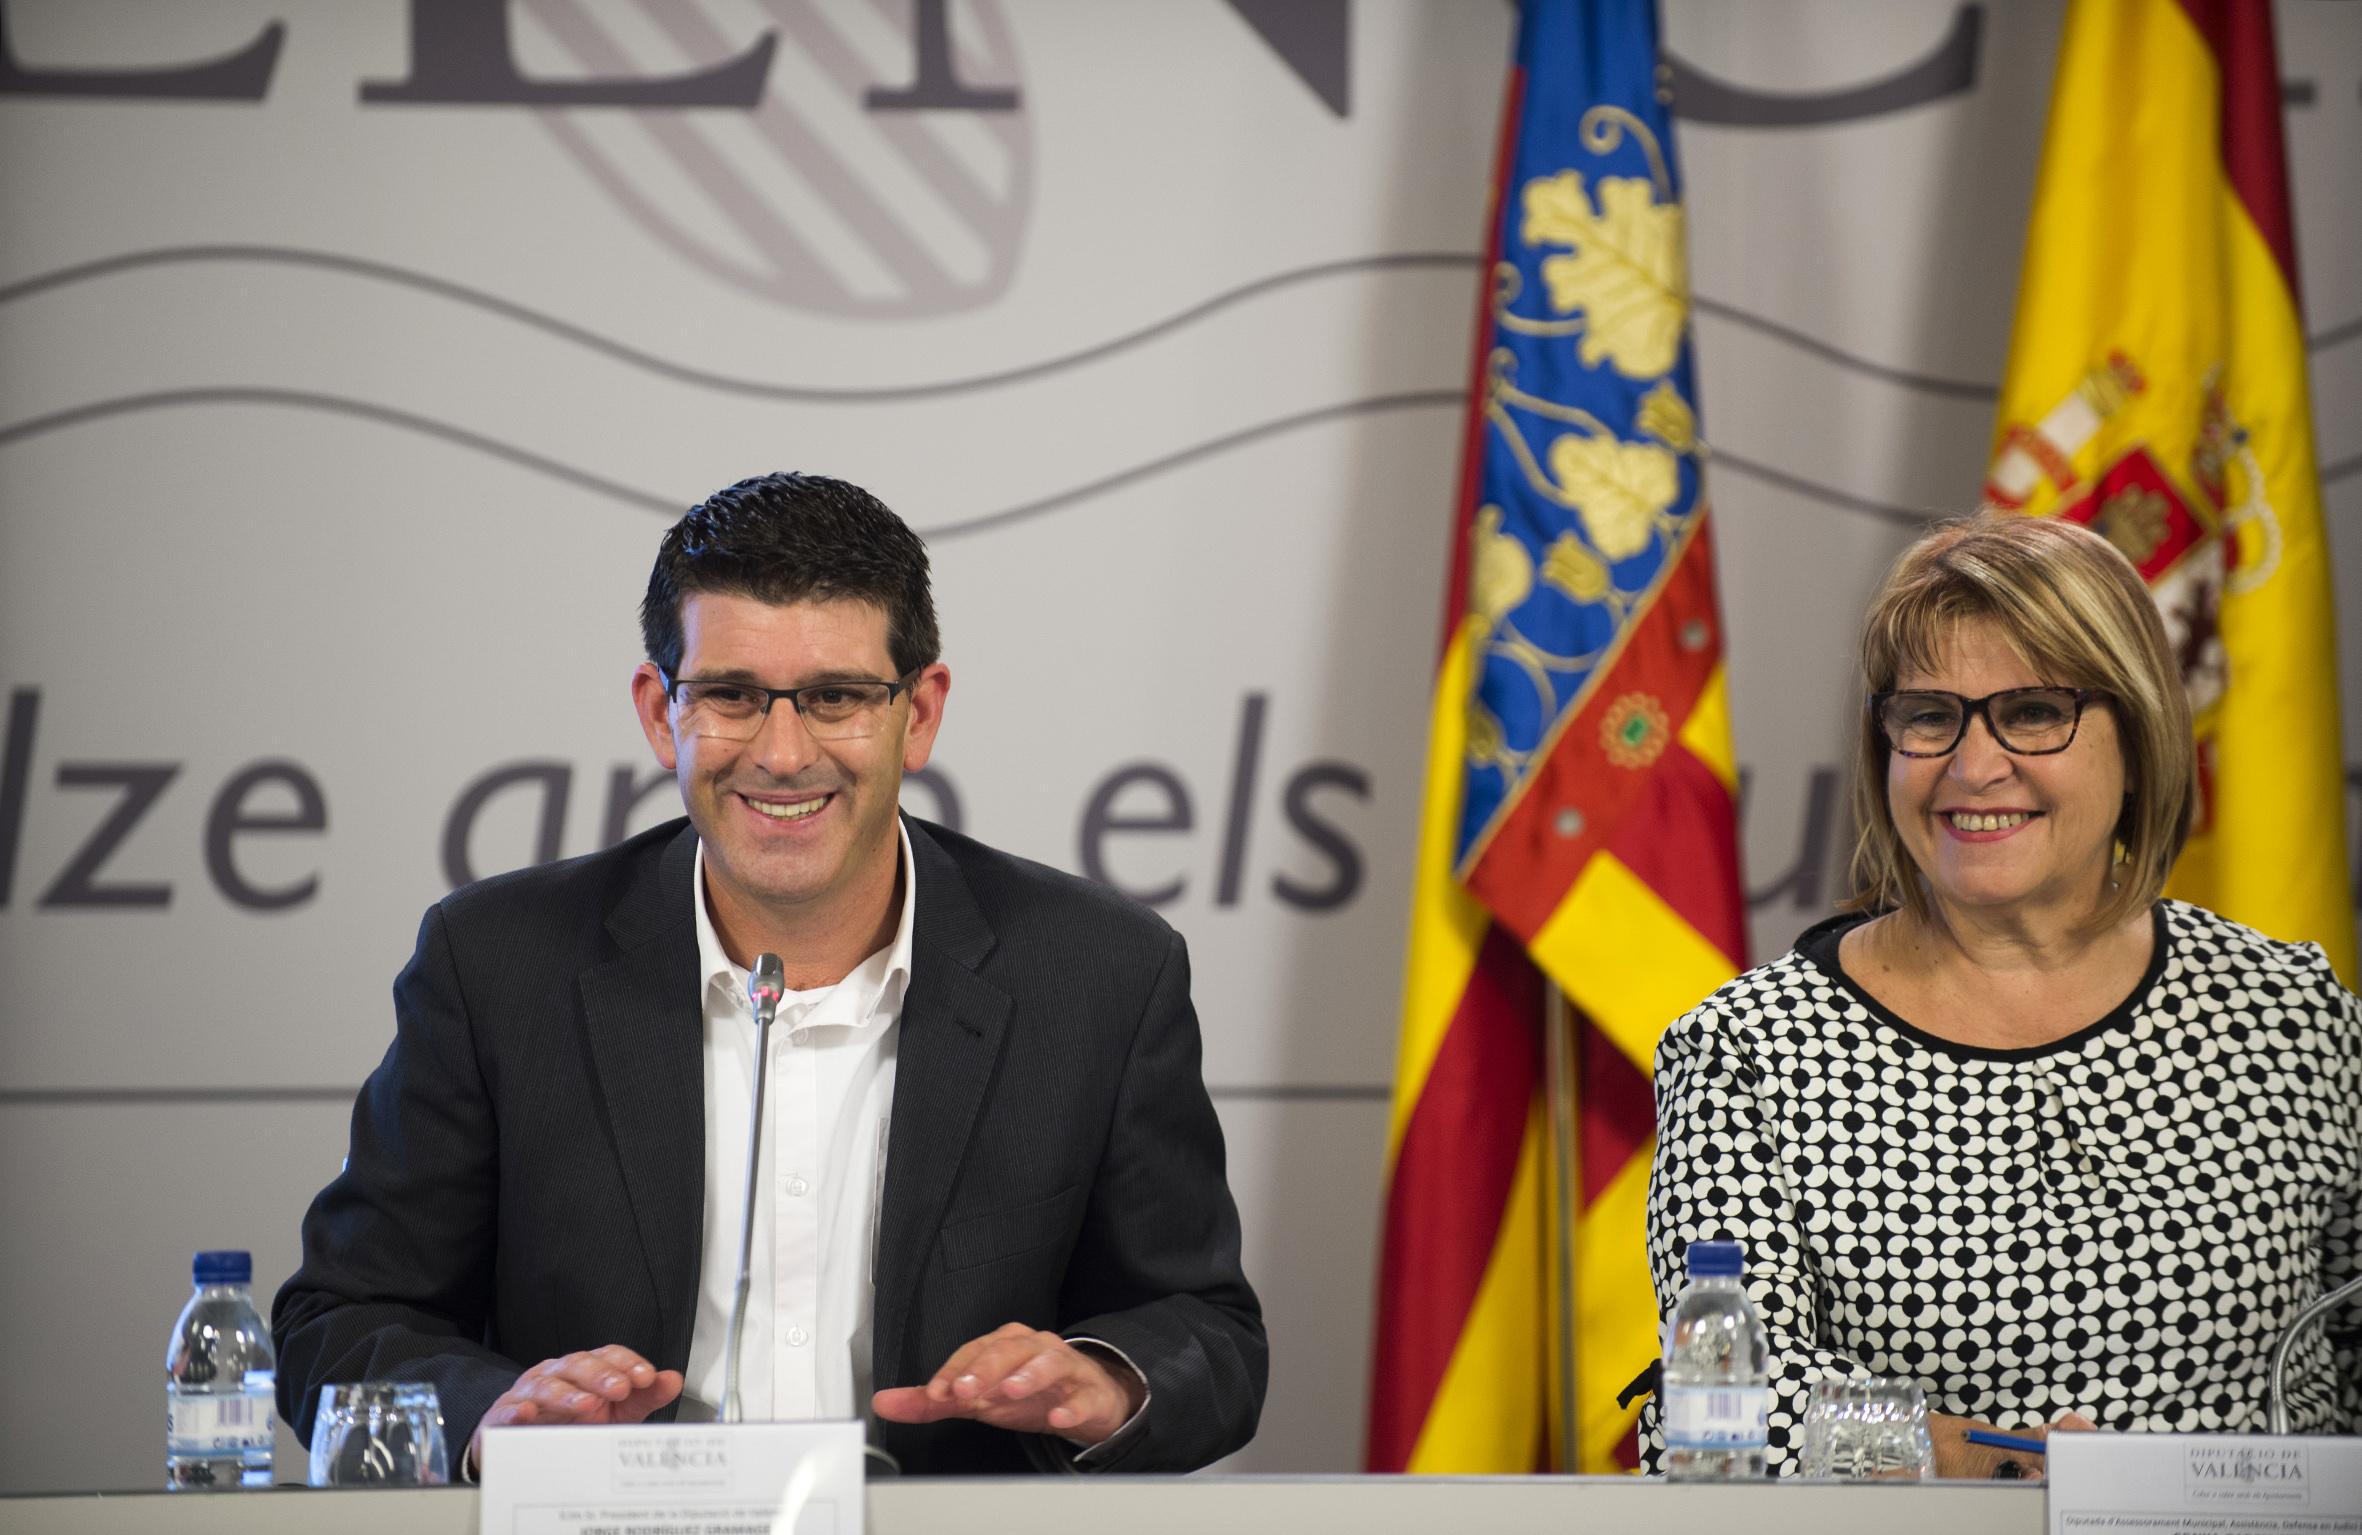 Los ayuntamientos valencianos tendrán plena autonomía para decidir la duración y categoría profesional de los contratos.